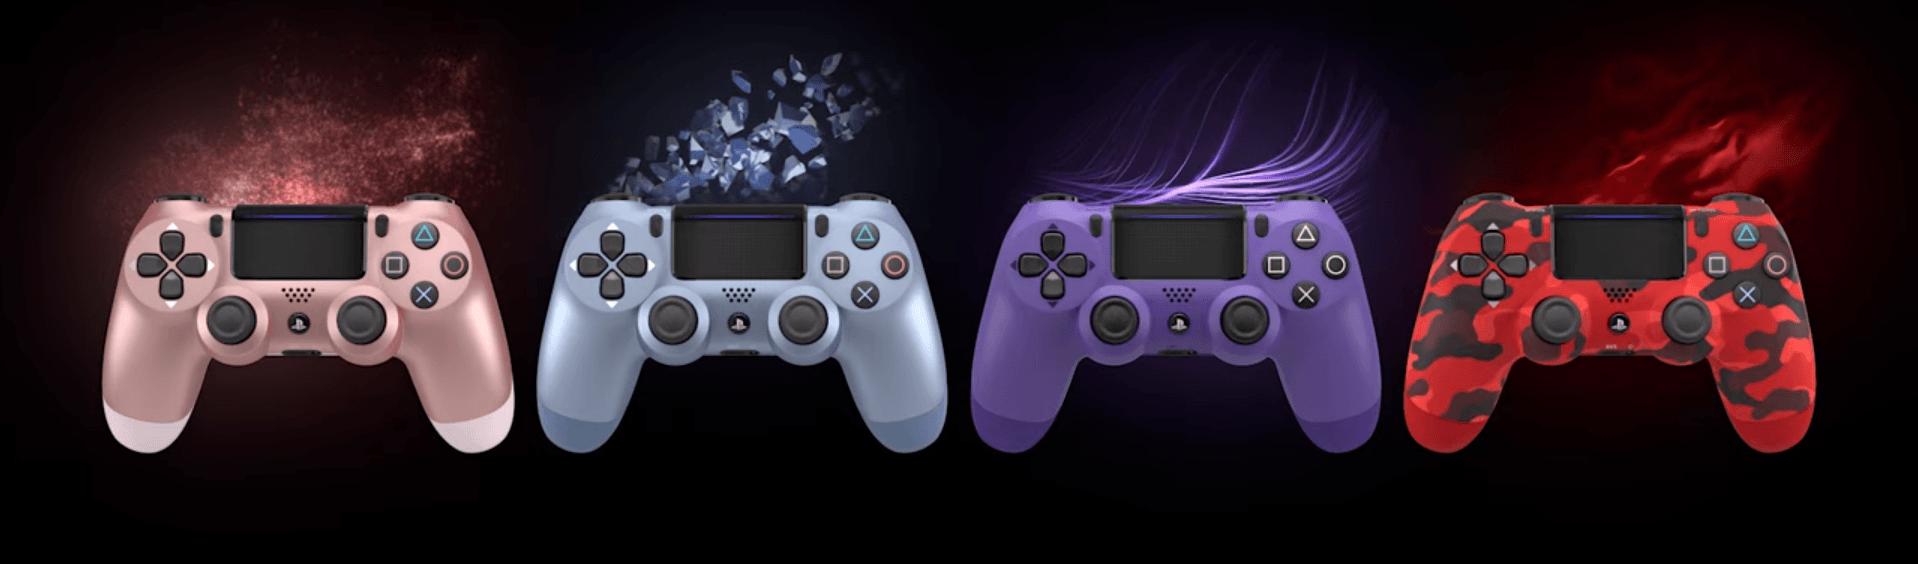 Nowe kolory padów DualShock - jak Wam się podobają? 17